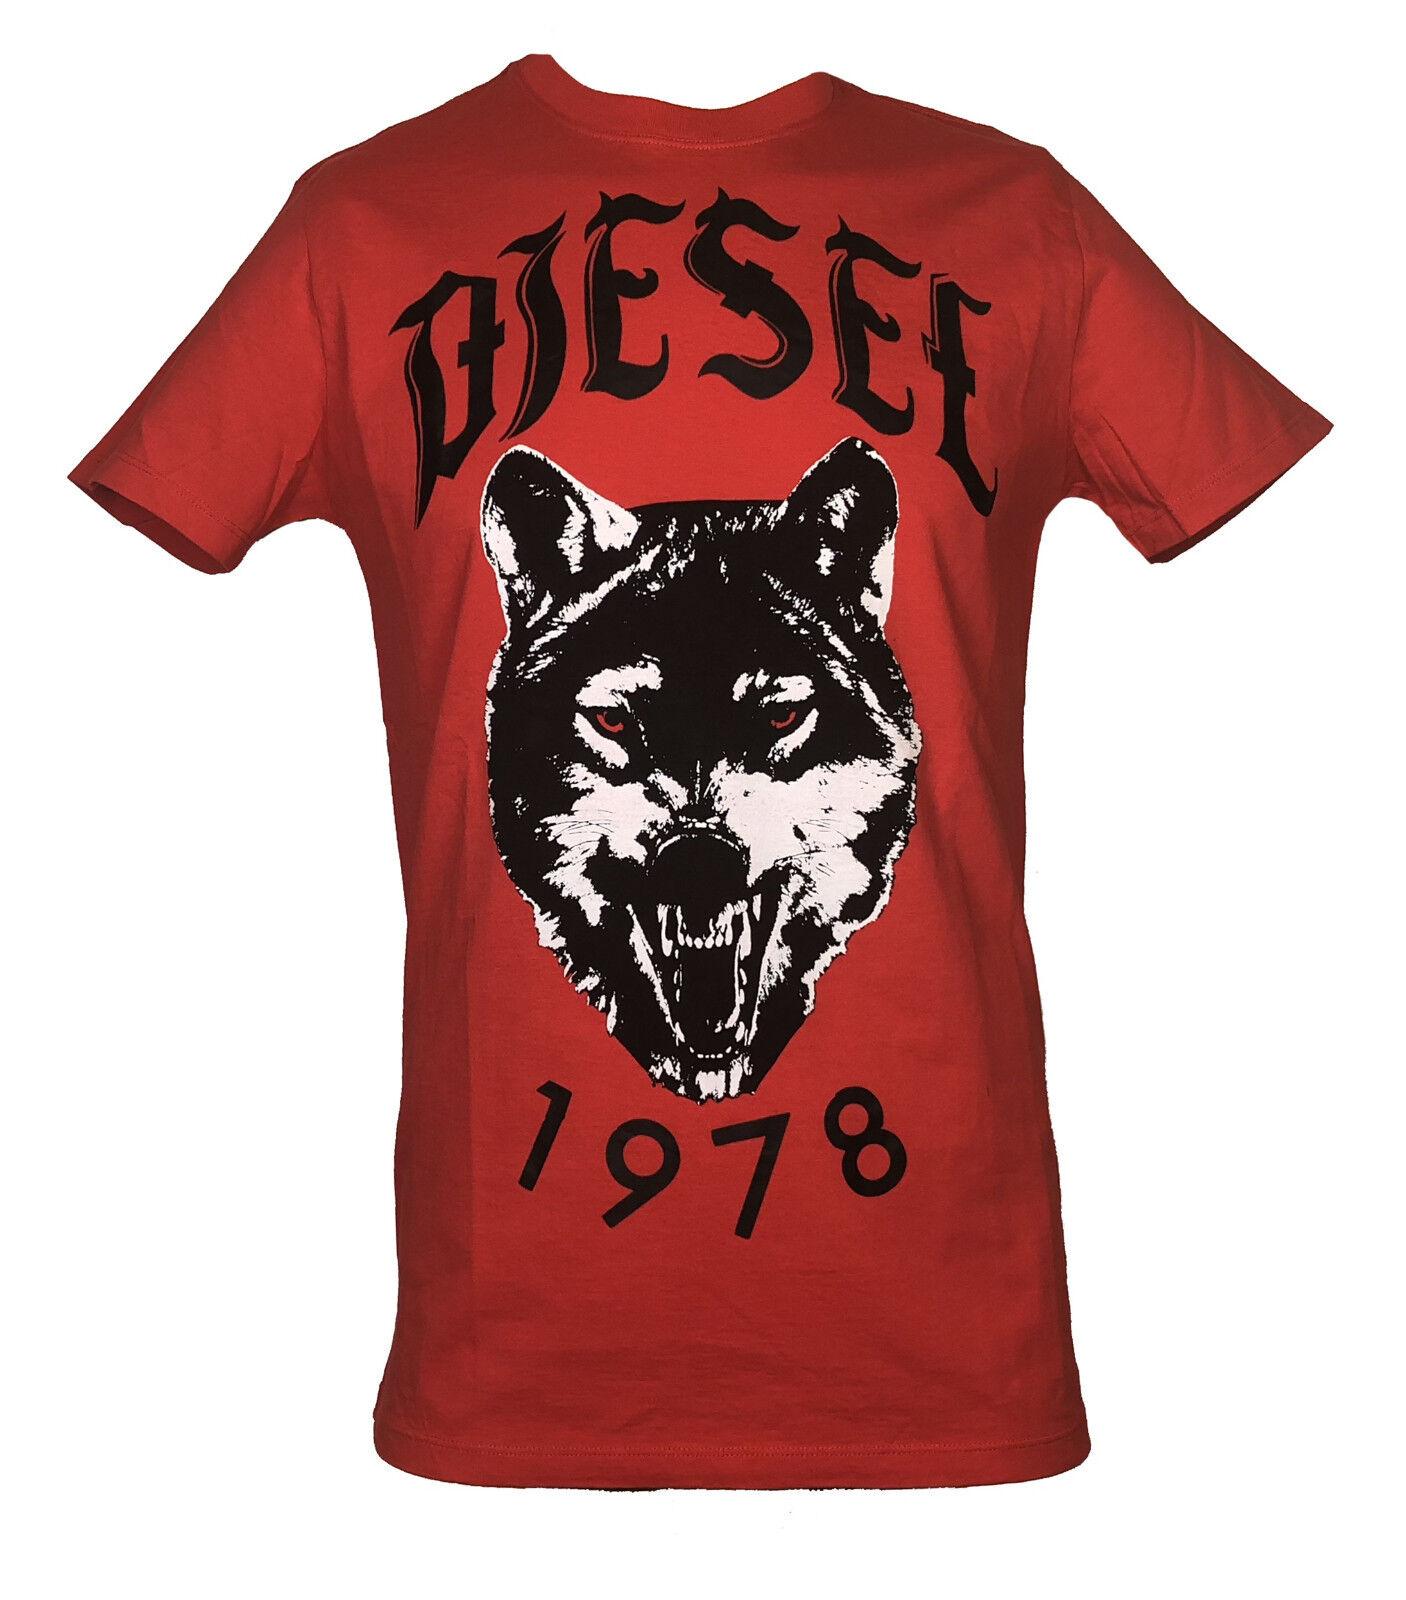 DIESEL Herren T-Shirt     T-ROFF  rot mit Motiv schwarz Gr. M  NEU       Wunderbar  6344f3